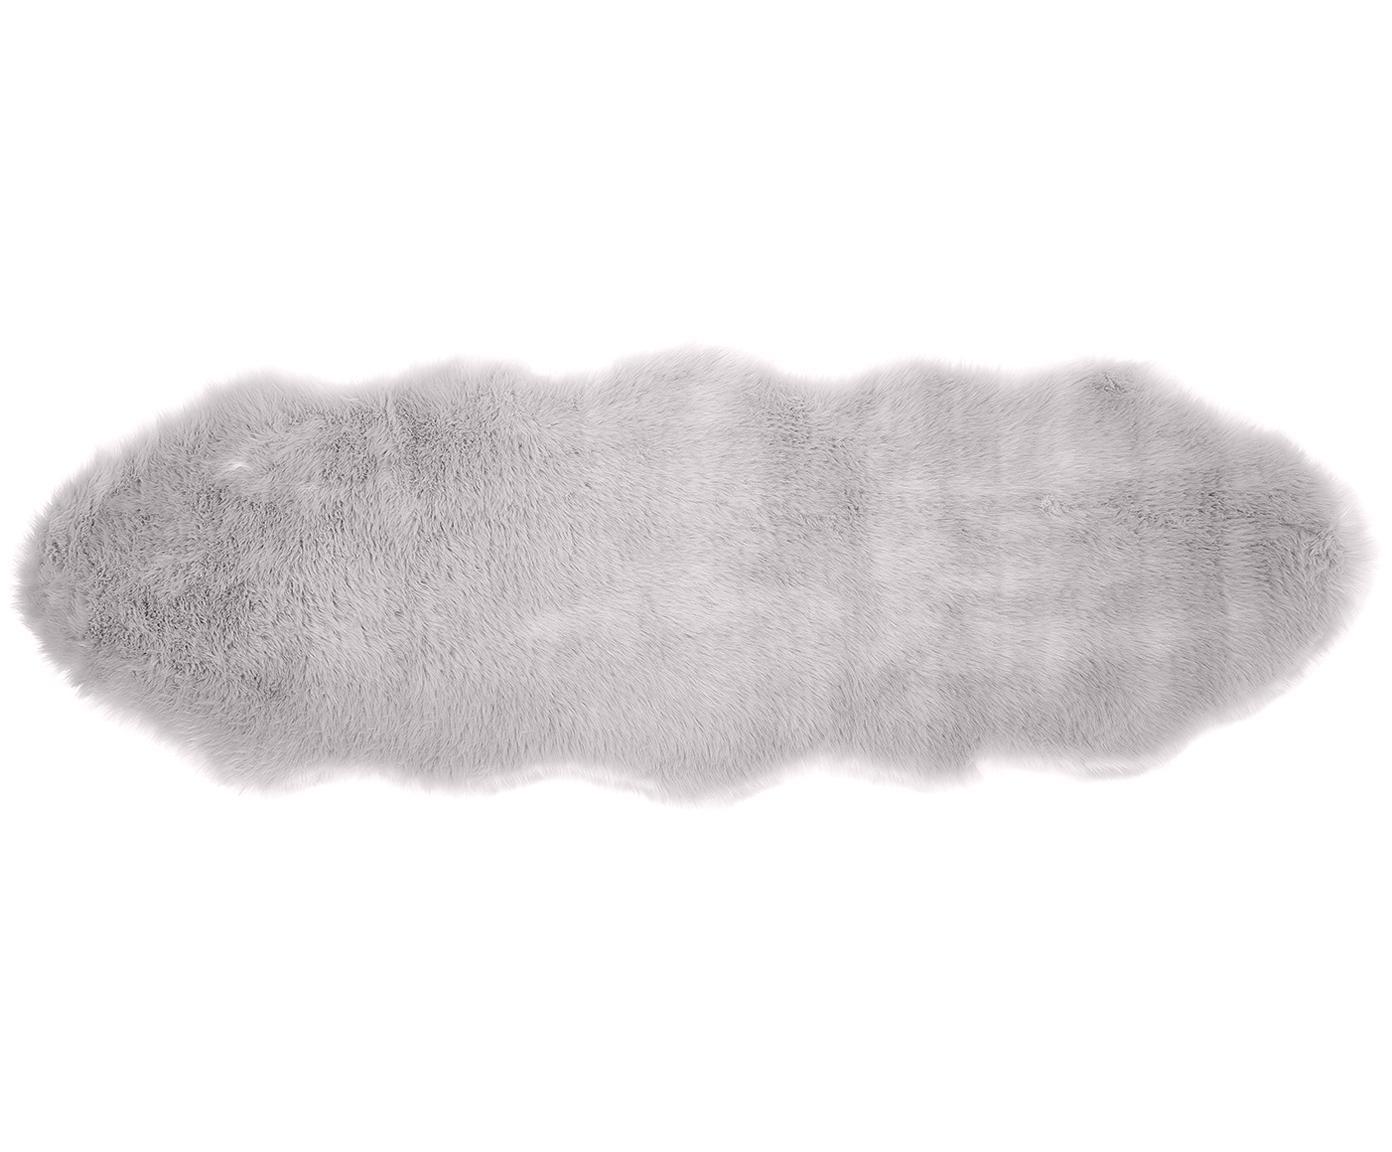 Dywan ze sztucznego futra Mathilde, gładki, Jasny szary, S 60 x D 180 cm